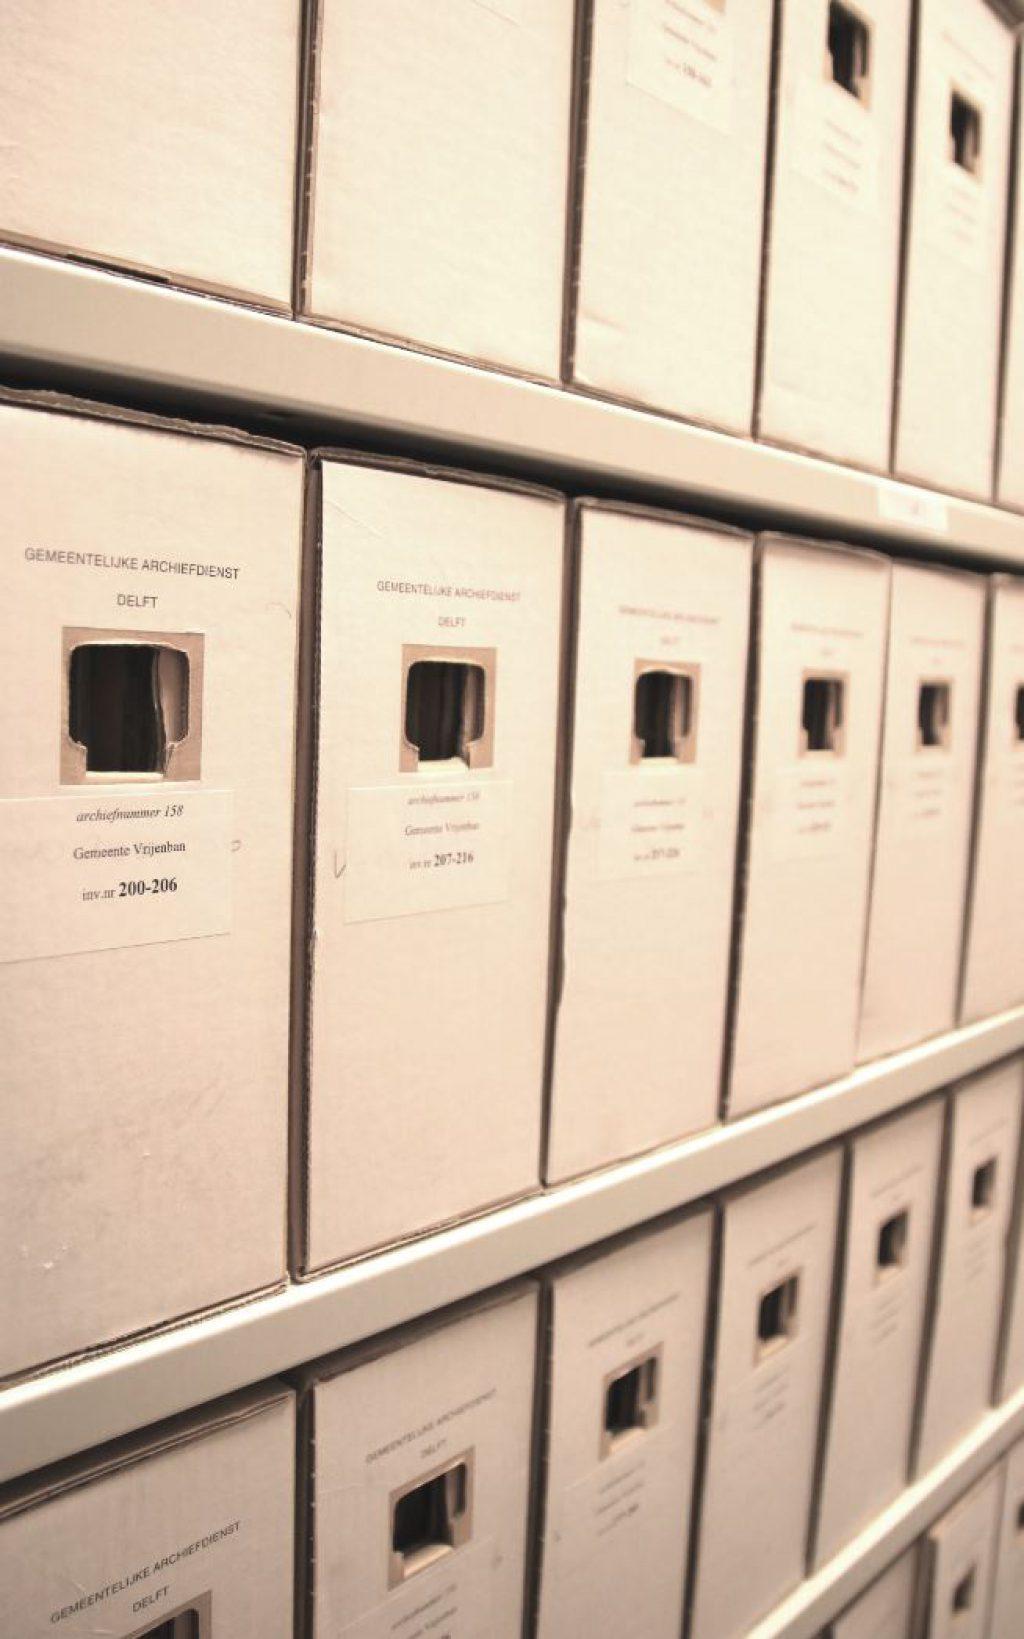 De archieven van gemeente Vrijenban in het Stadsarchief van Delft.